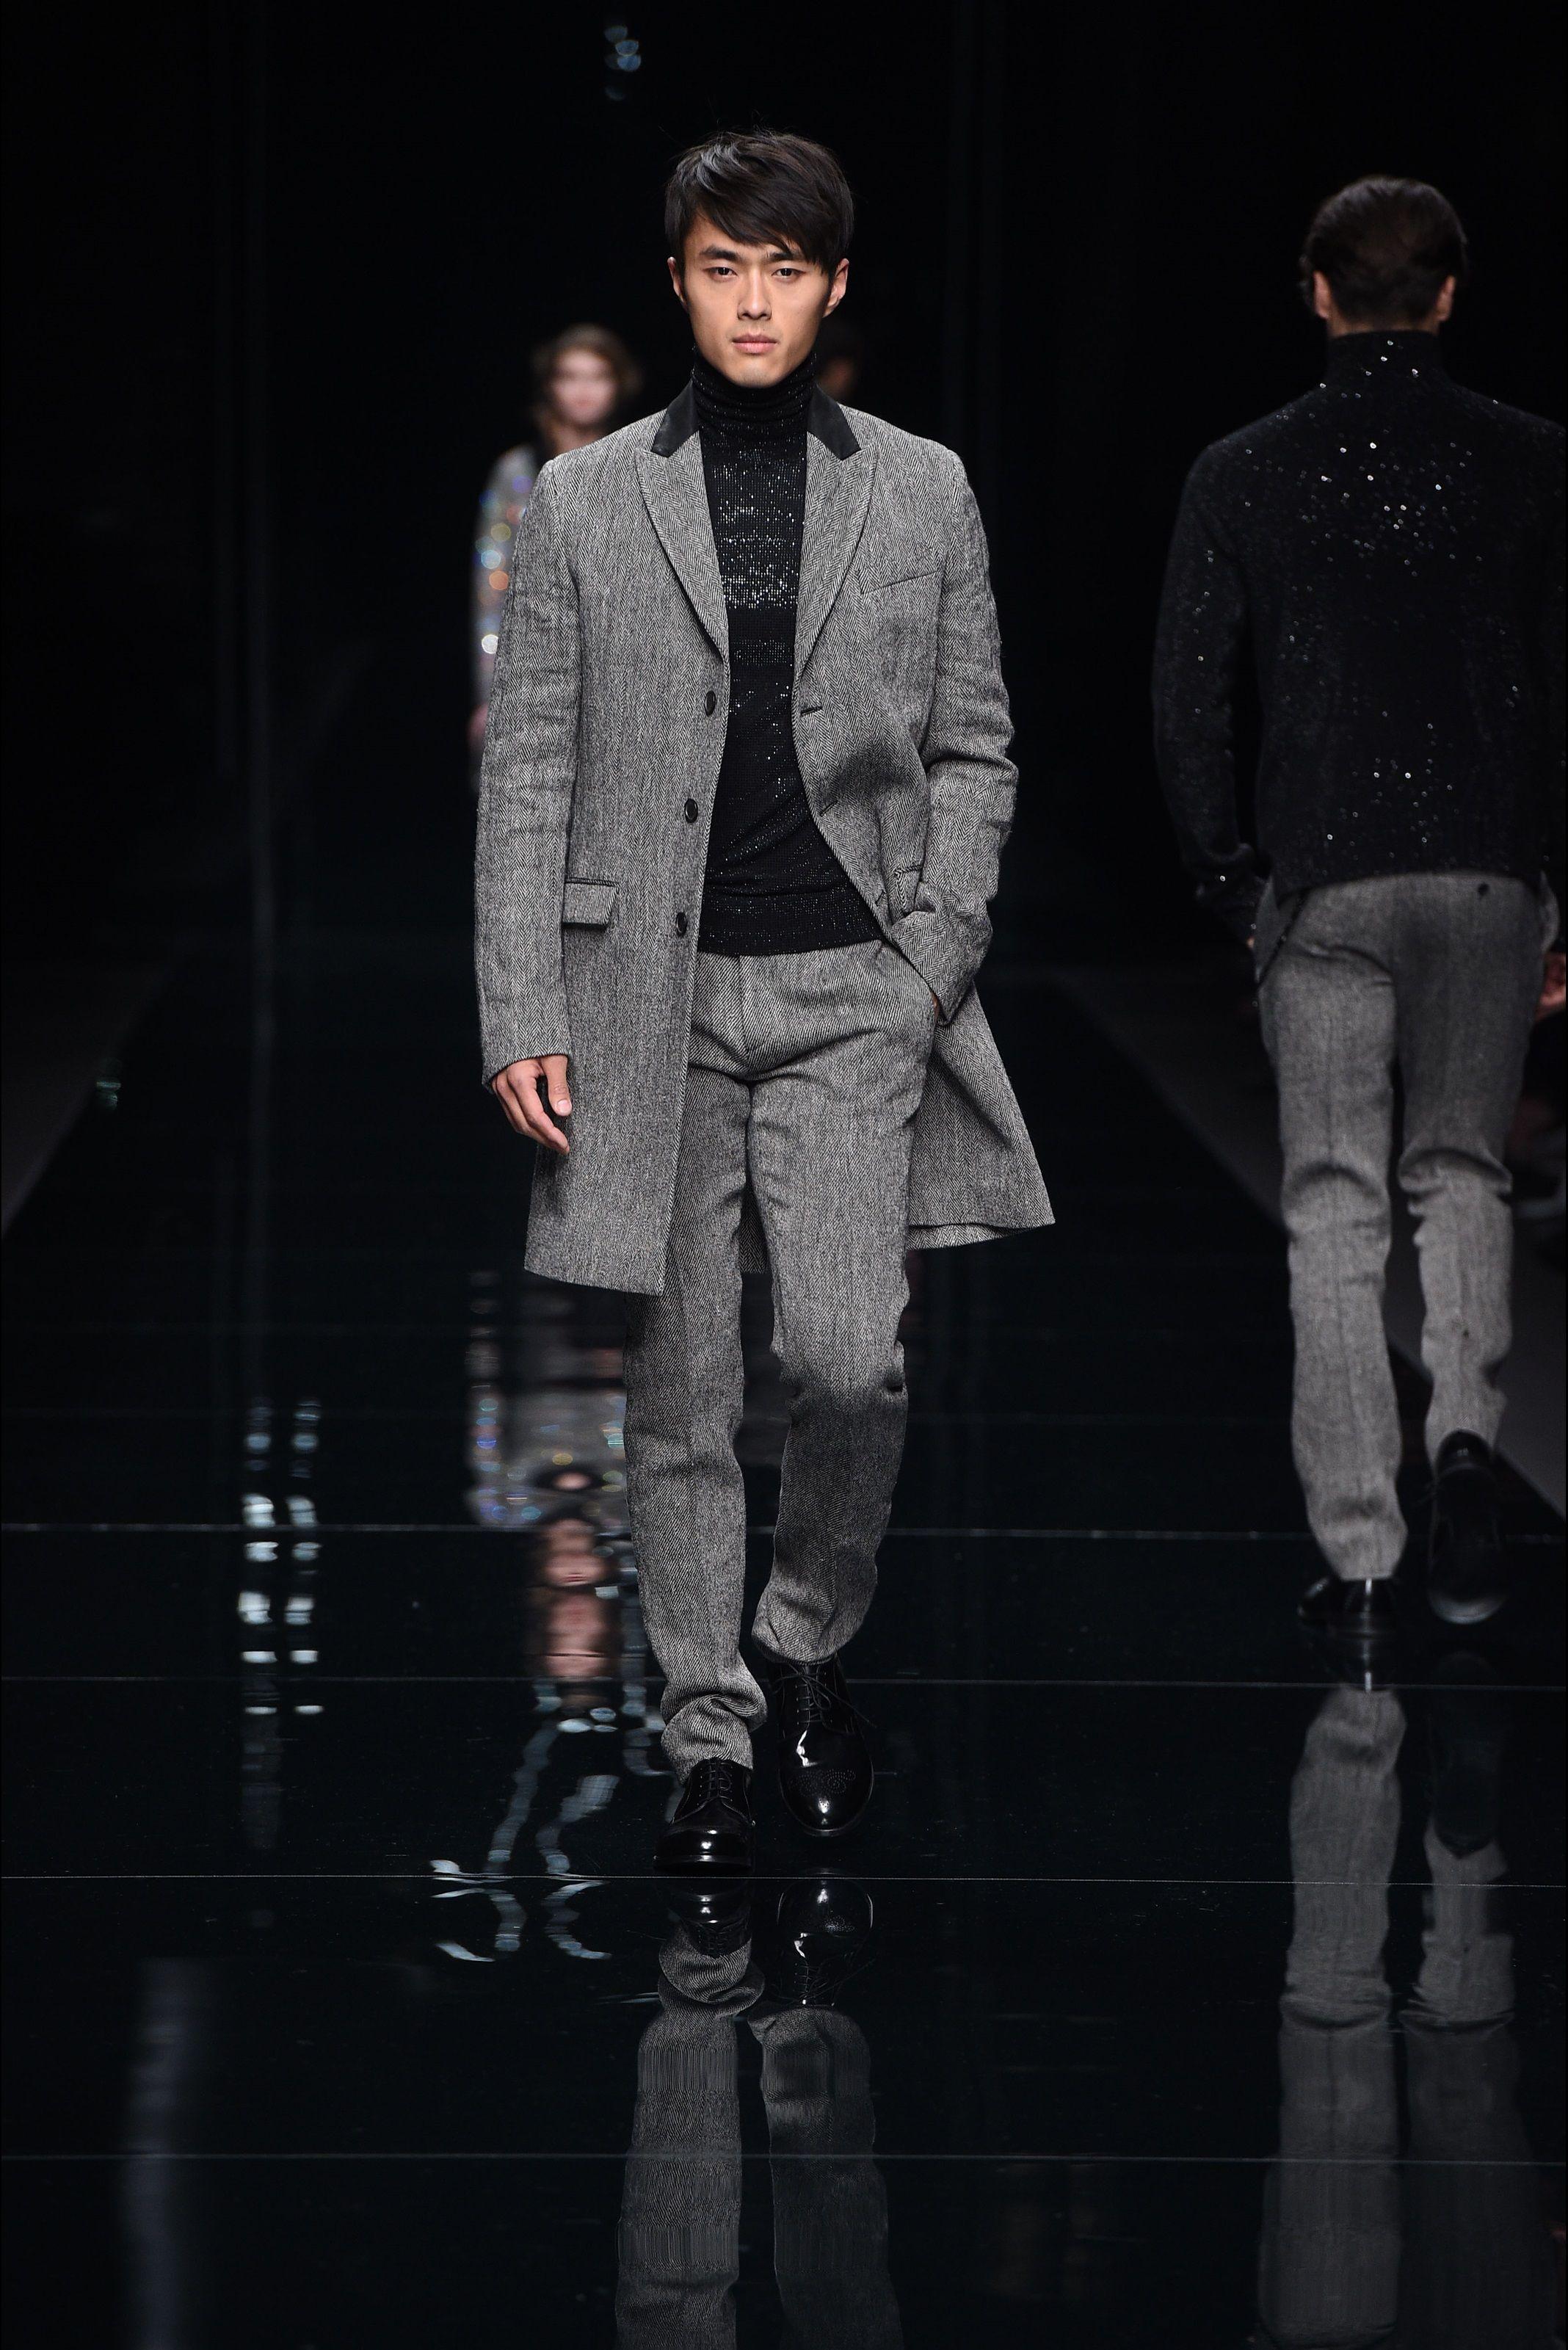 Sfilata Moda Uomo Ermanno Scervino Milano - Autunno Inverno 2016-17 - Vogue 165d3ca665b